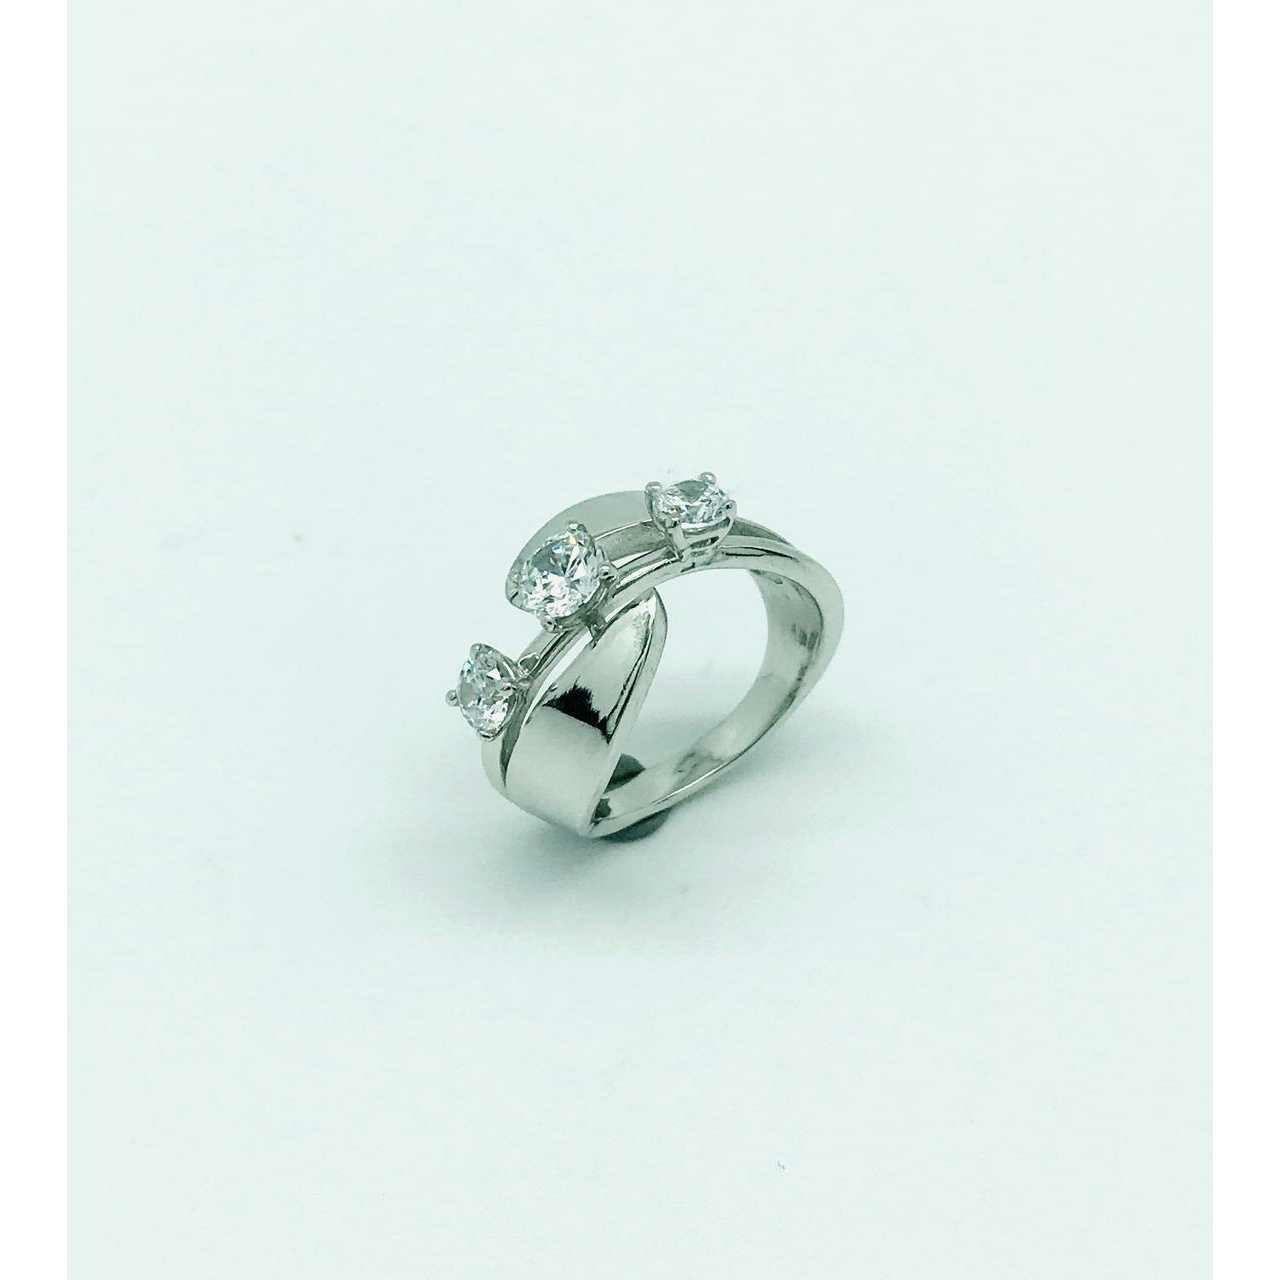 92.5 Ladies Ring Ms-4060